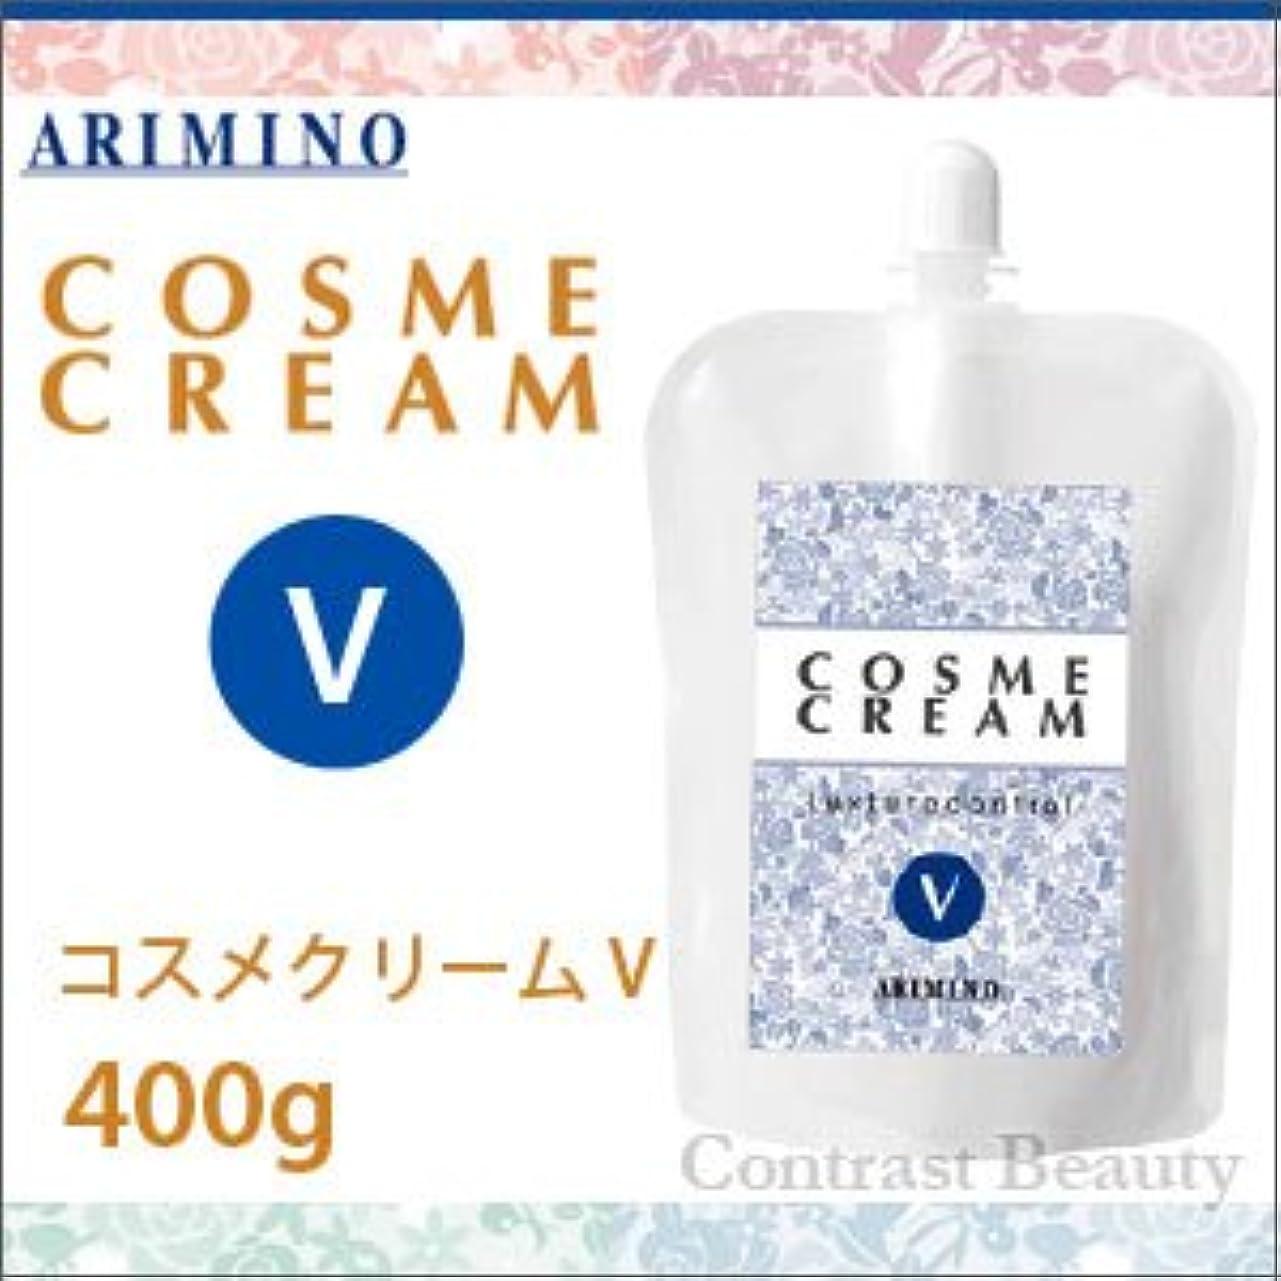 略すイーウェル付き添い人【X5個セット】 アリミノ コスメクリーム V 400g